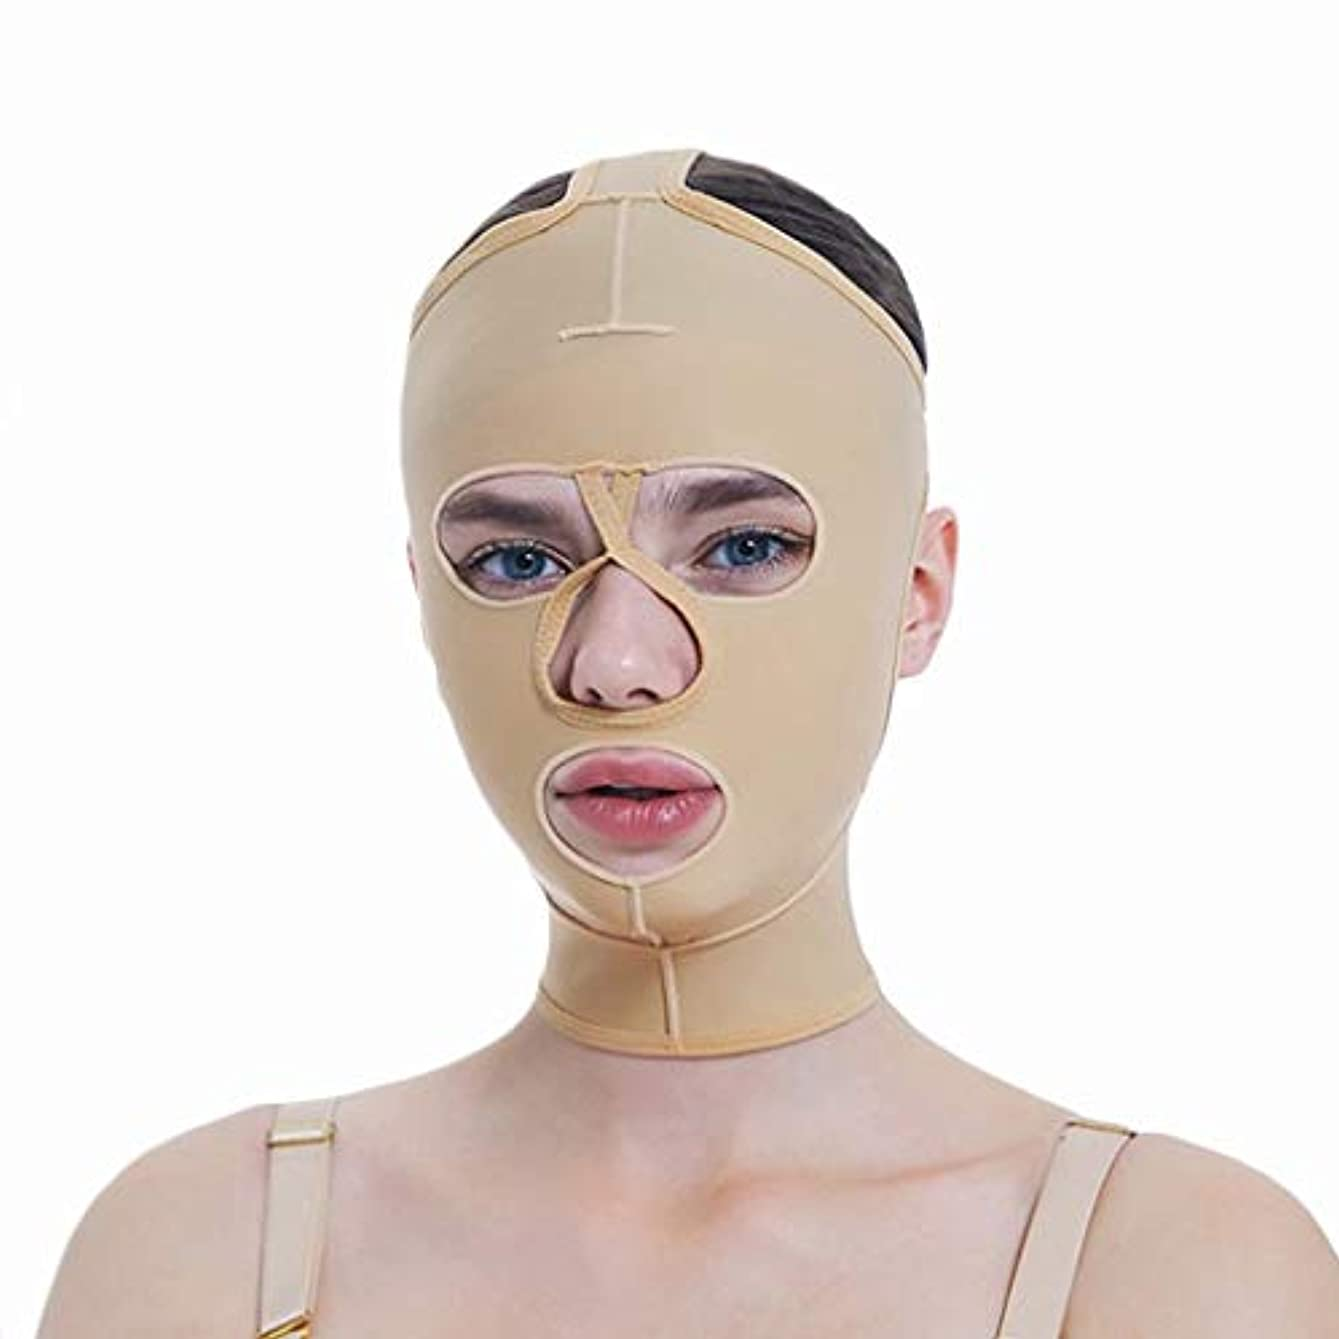 不健全周辺ツールフェイシャル減量マスク、フルカバレッジ包帯、フルフェイスリフティングマスク、フェイスマスク、快適で リフティングシェーピング(サイズ:S),XL